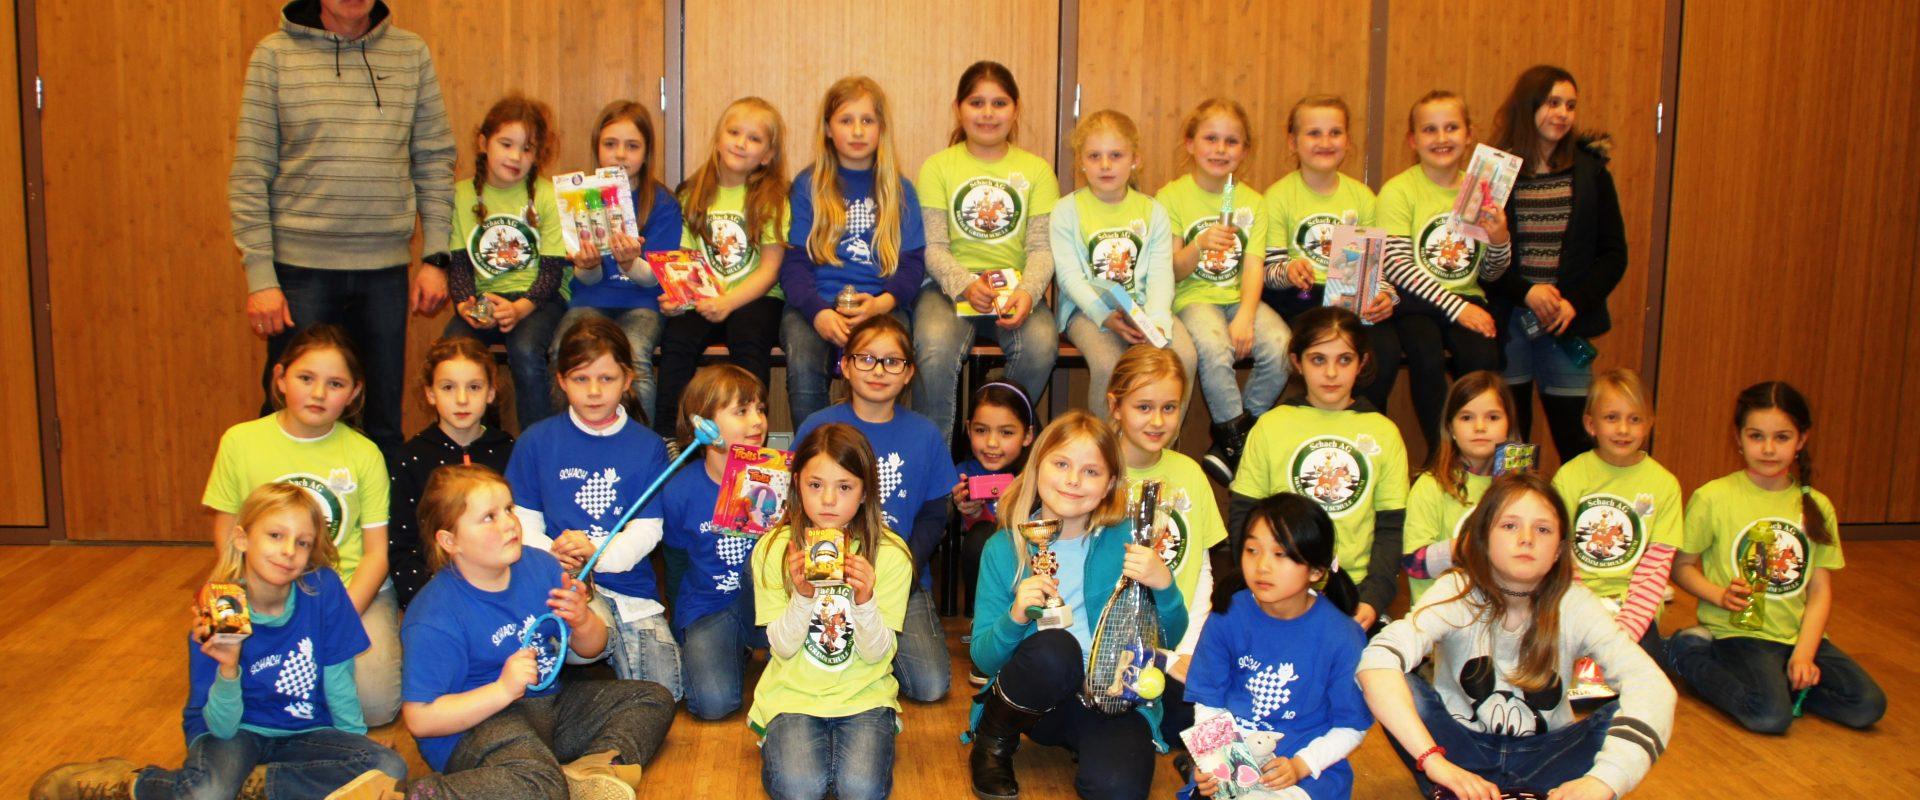 Permalink auf:Mädchenschach wird an der Brüder-Grimm-Schule und in Alpen groß geschrieben